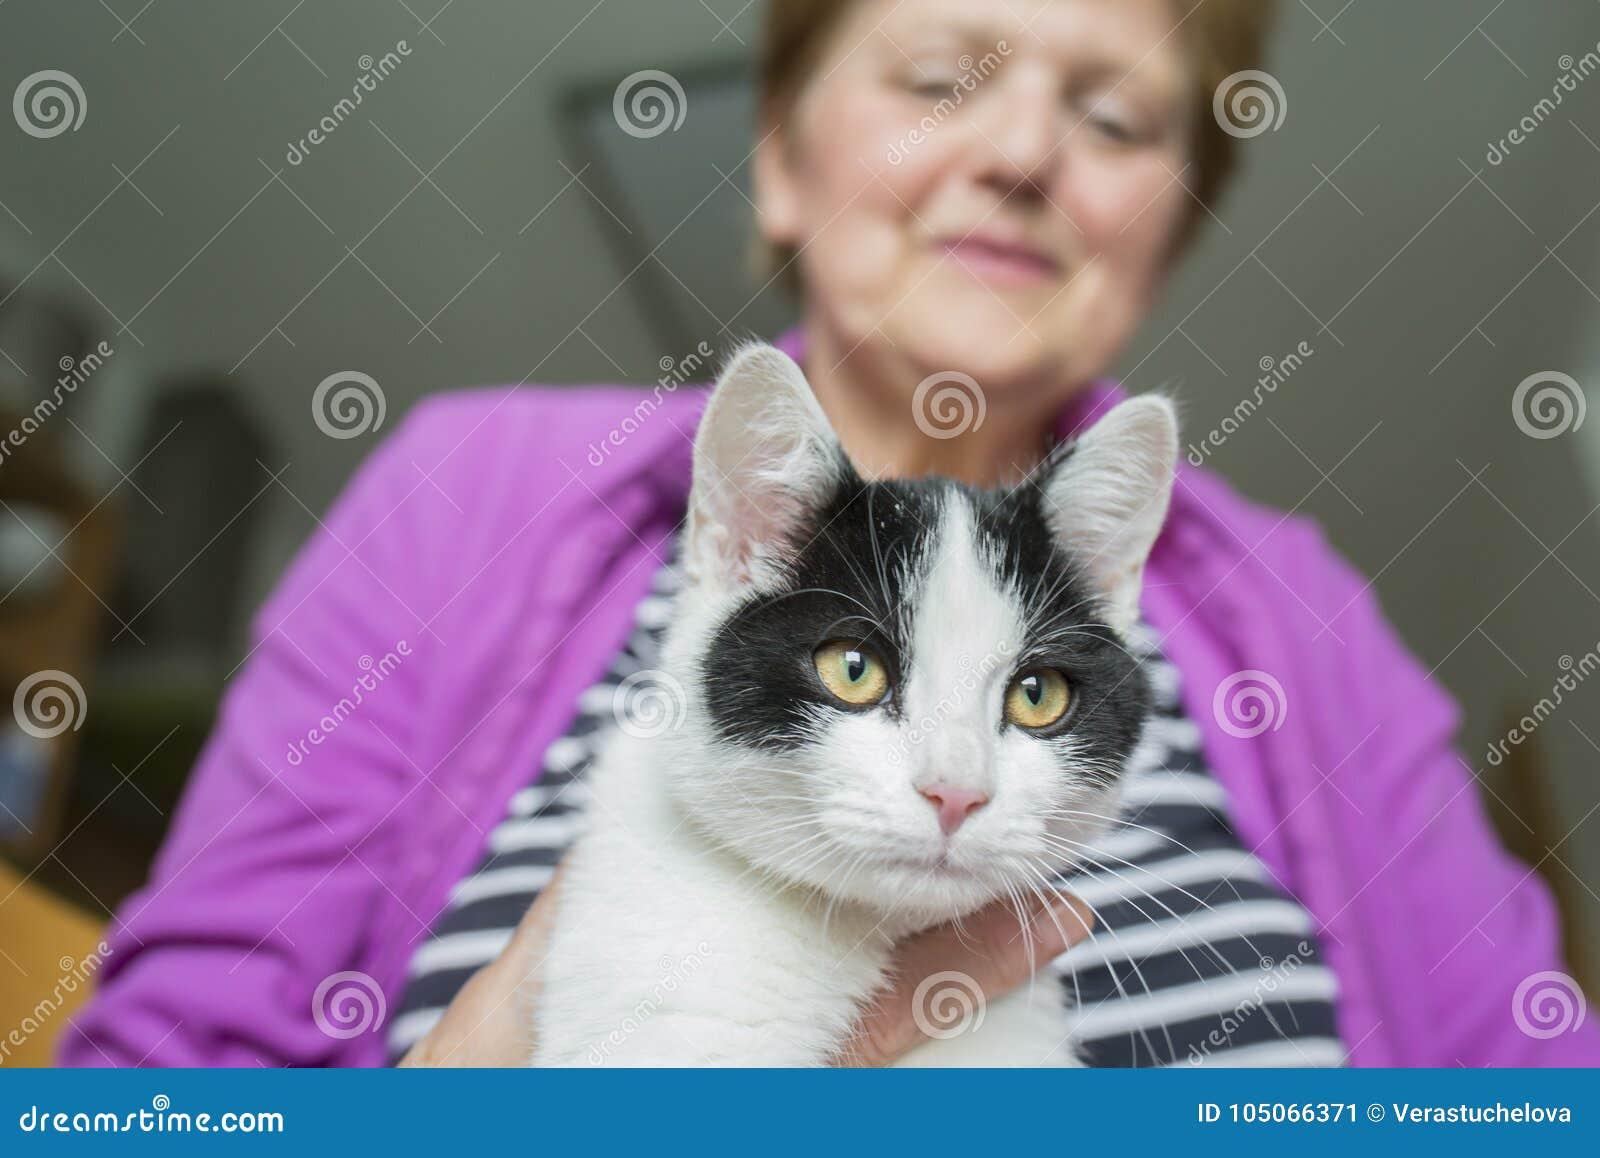 Старуха с котом - животная терапия